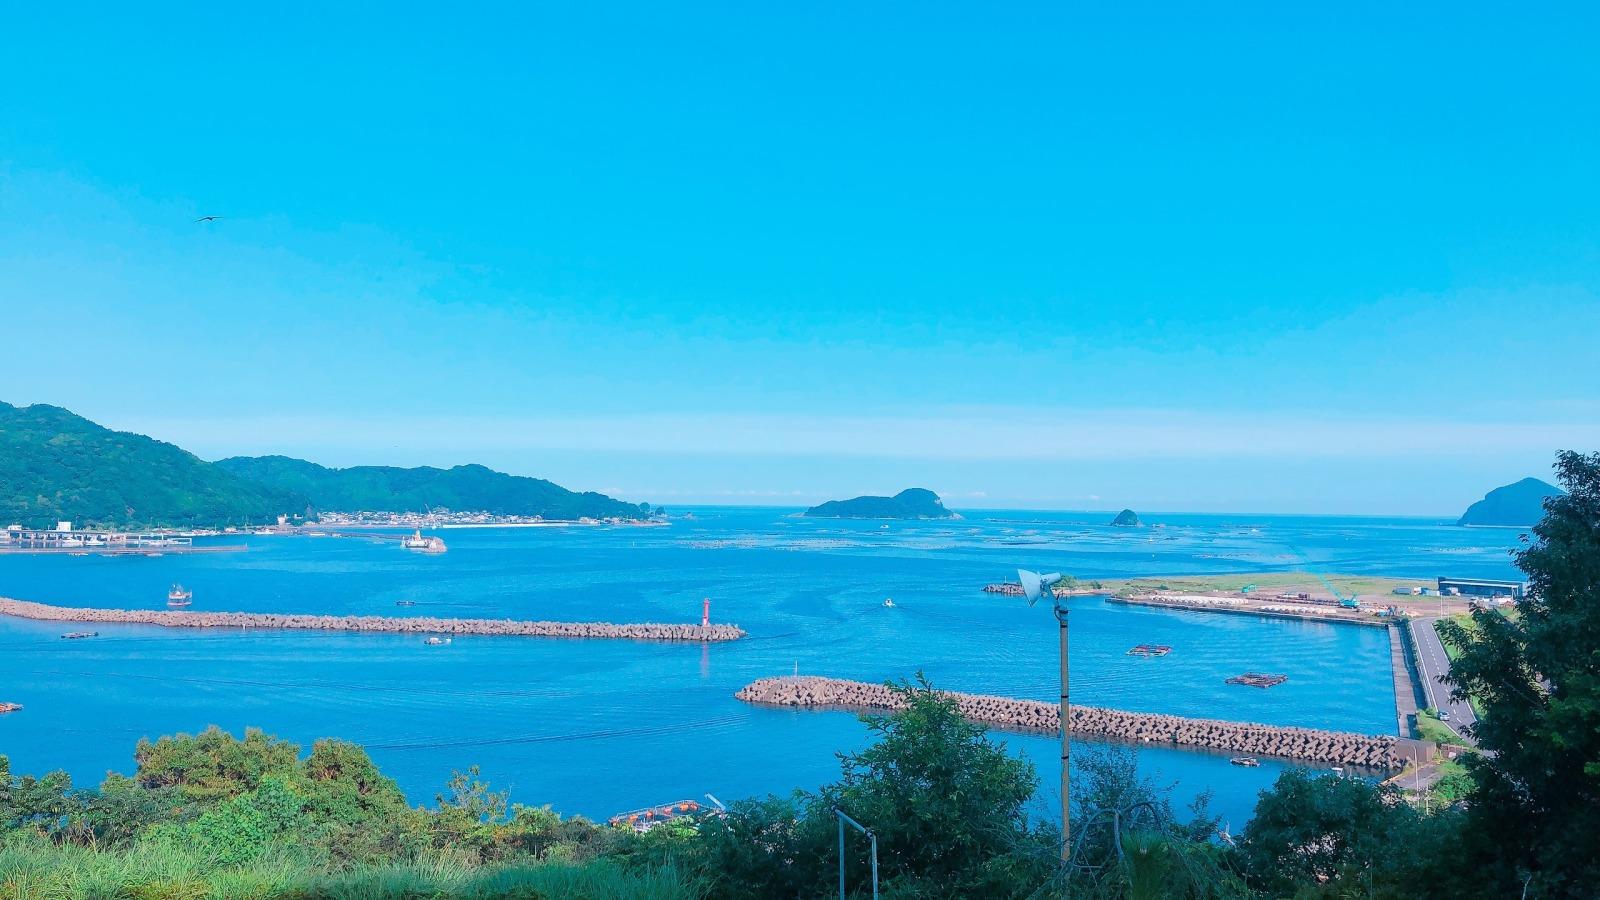 海に面した宮崎市の様子